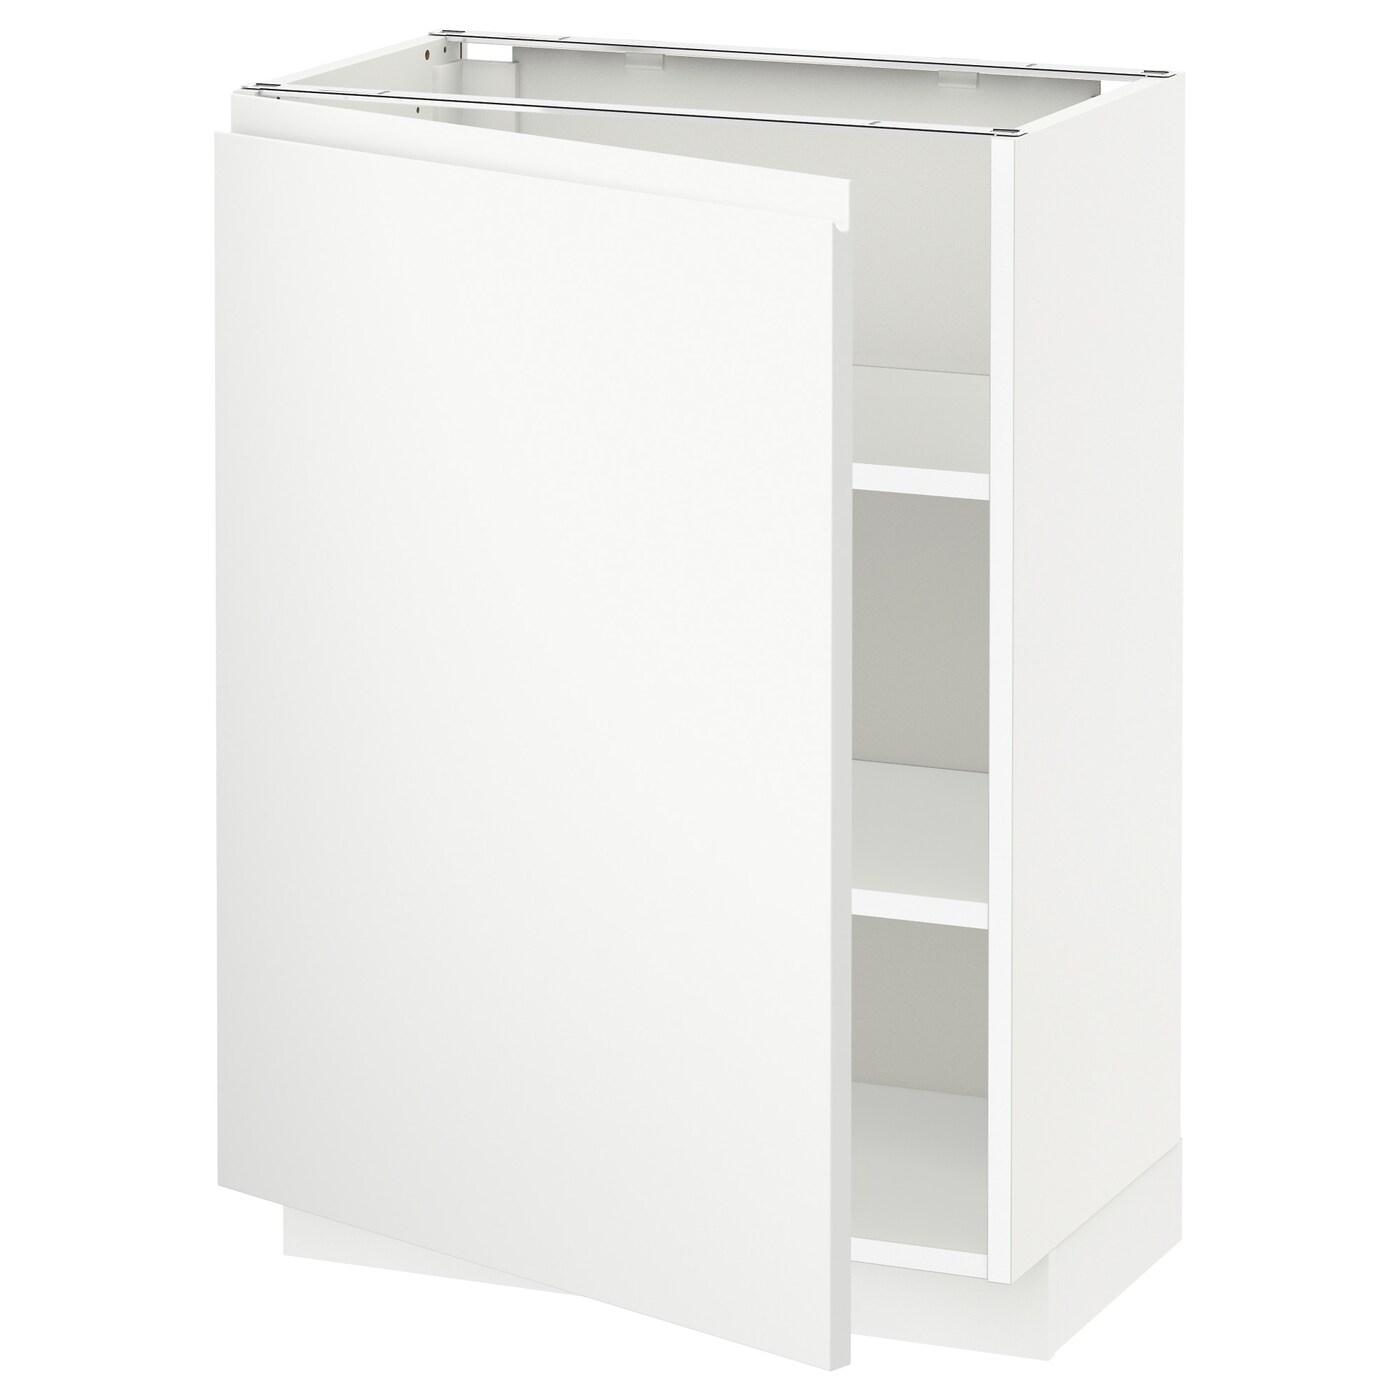 weiss Küchen-Unterschränke online kaufen | Möbel-Suchmaschine ...